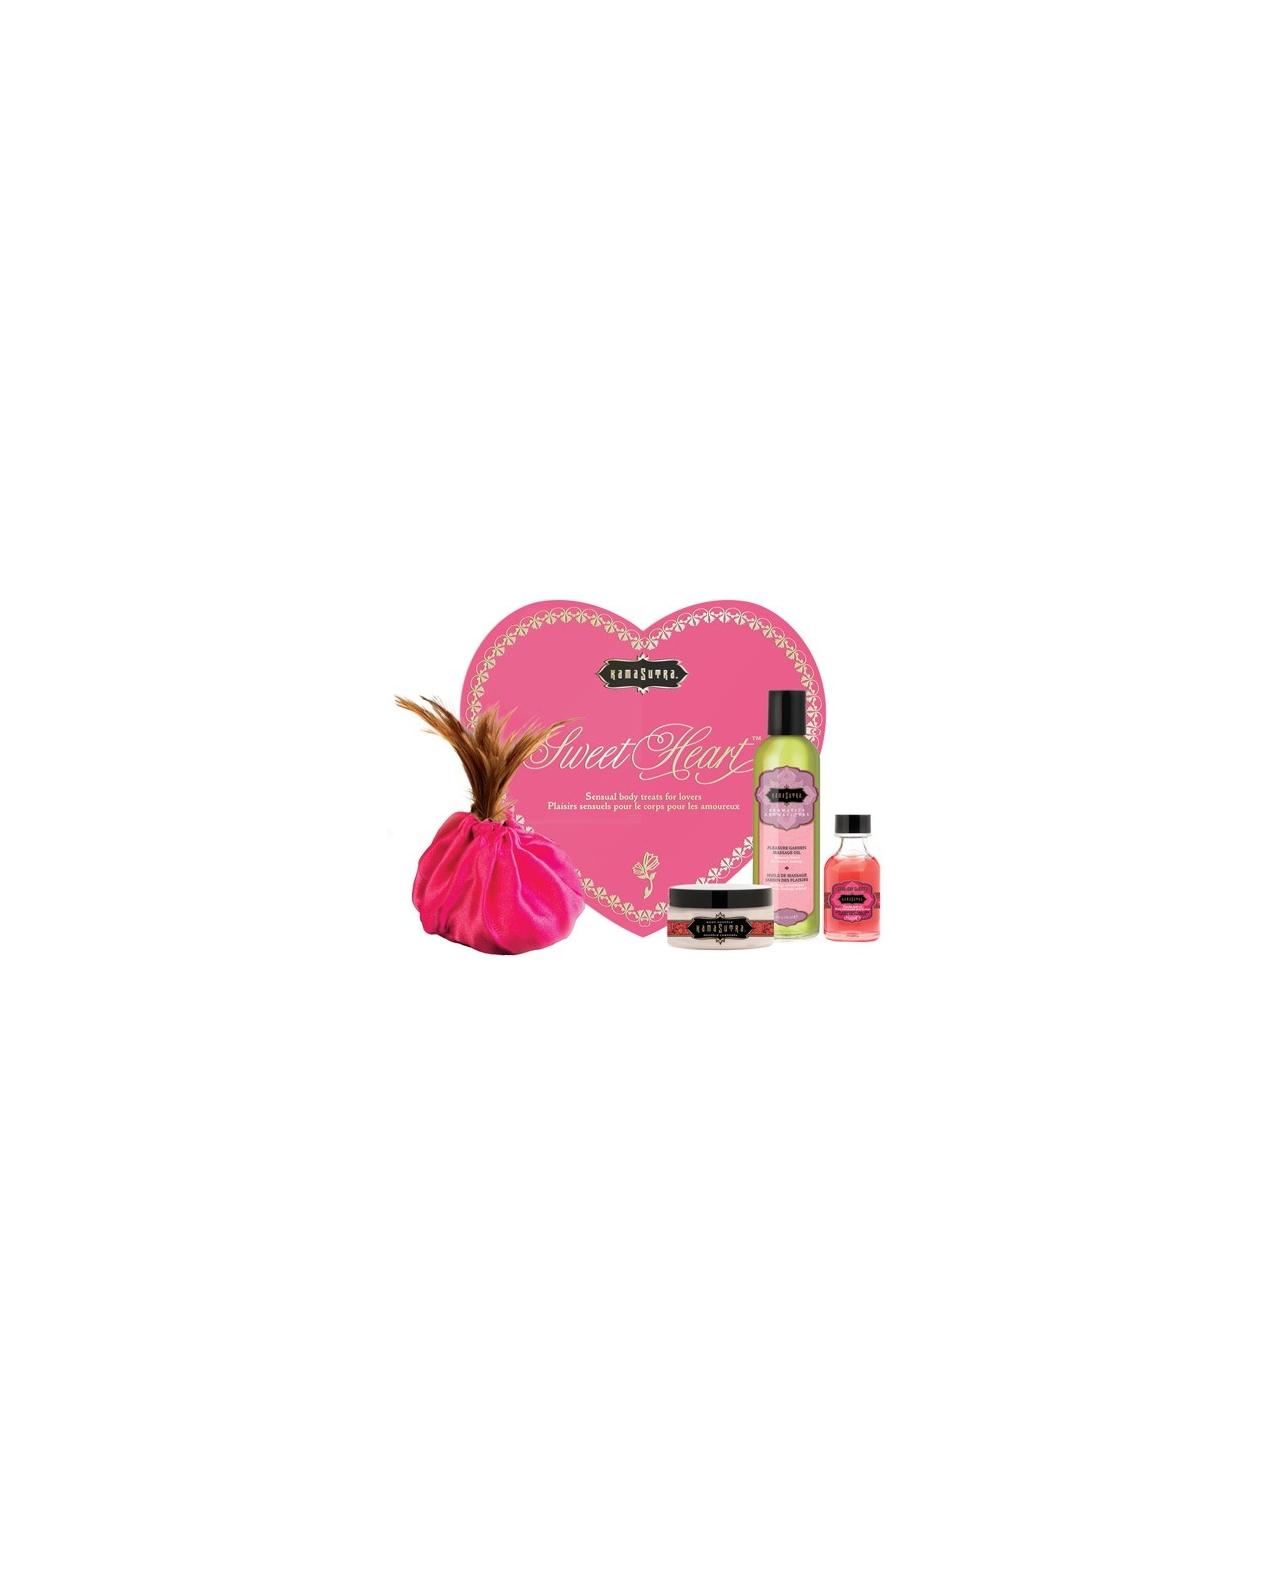 Kama Sutra Sweet Heart Massage Kit - Strawberry